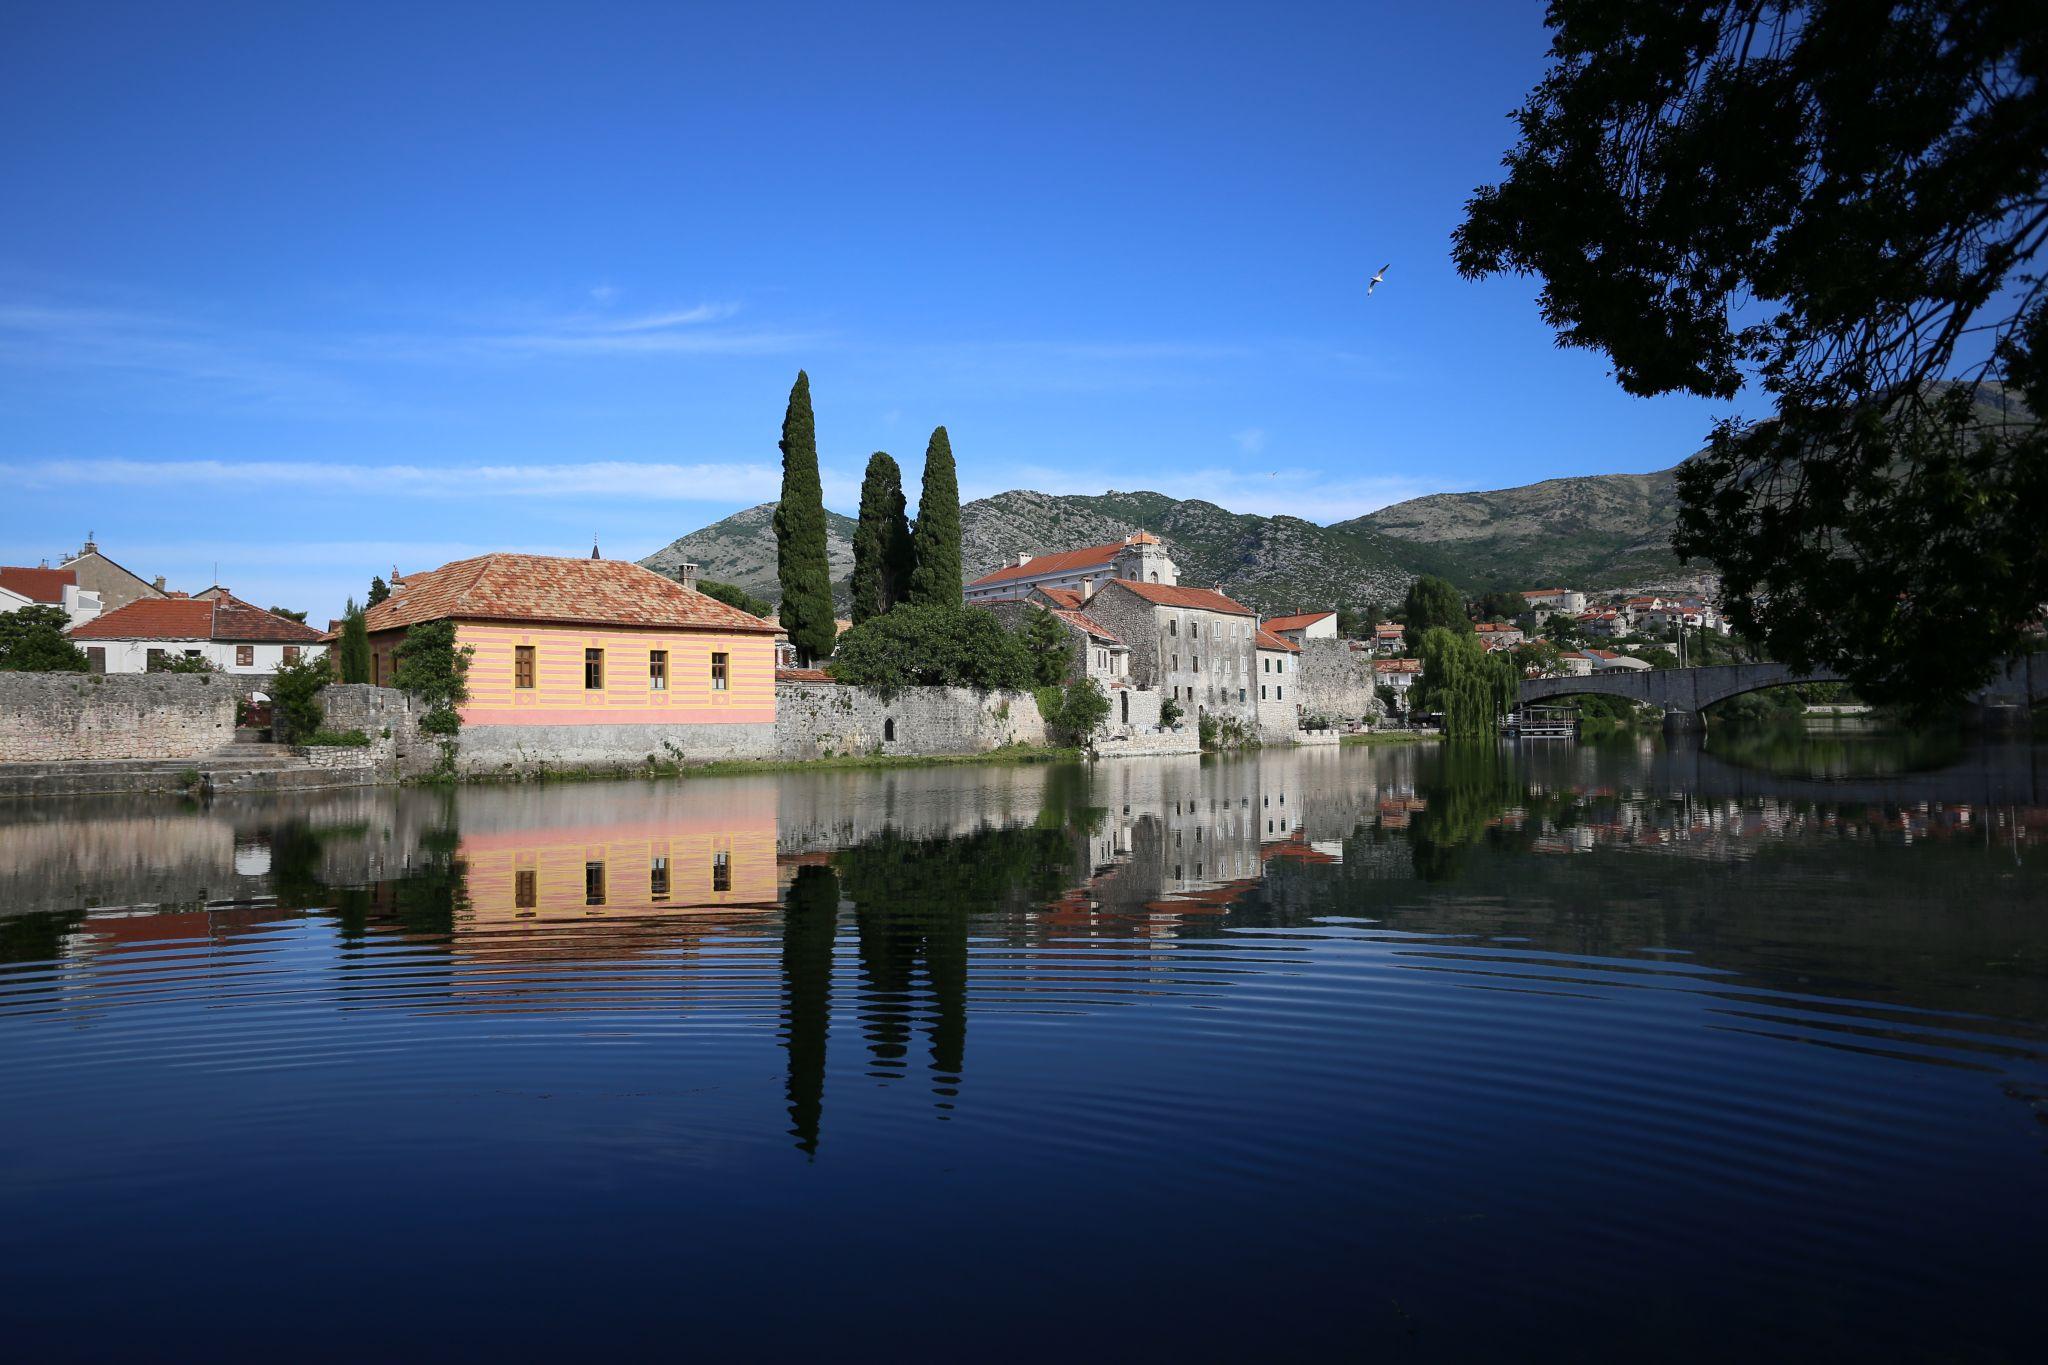 Old city of Trebinje, Bosnia and Herzegovina